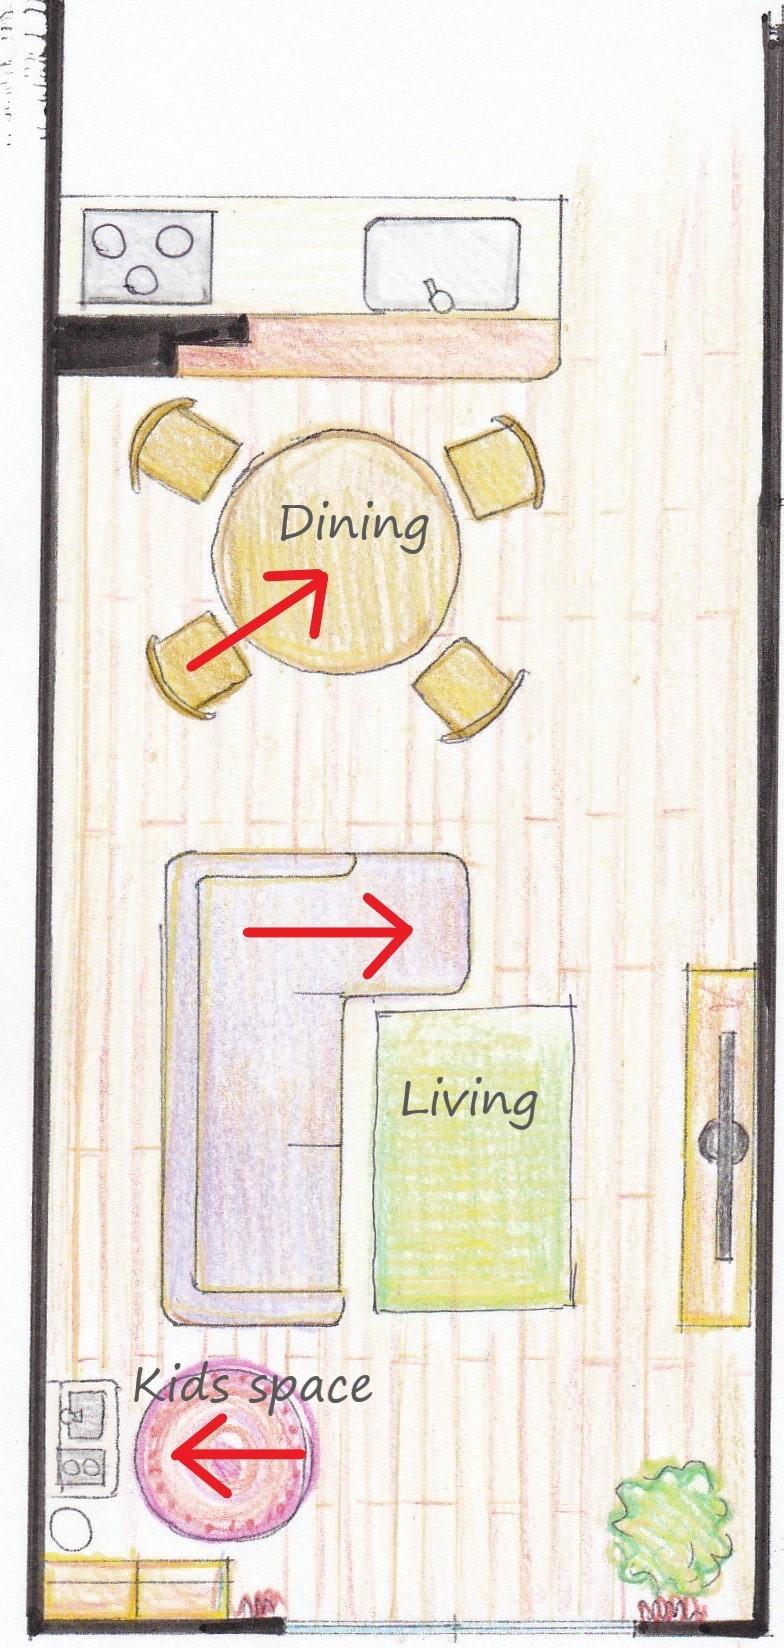 ソファ、ダイニングチェアの配置で視線をずらす